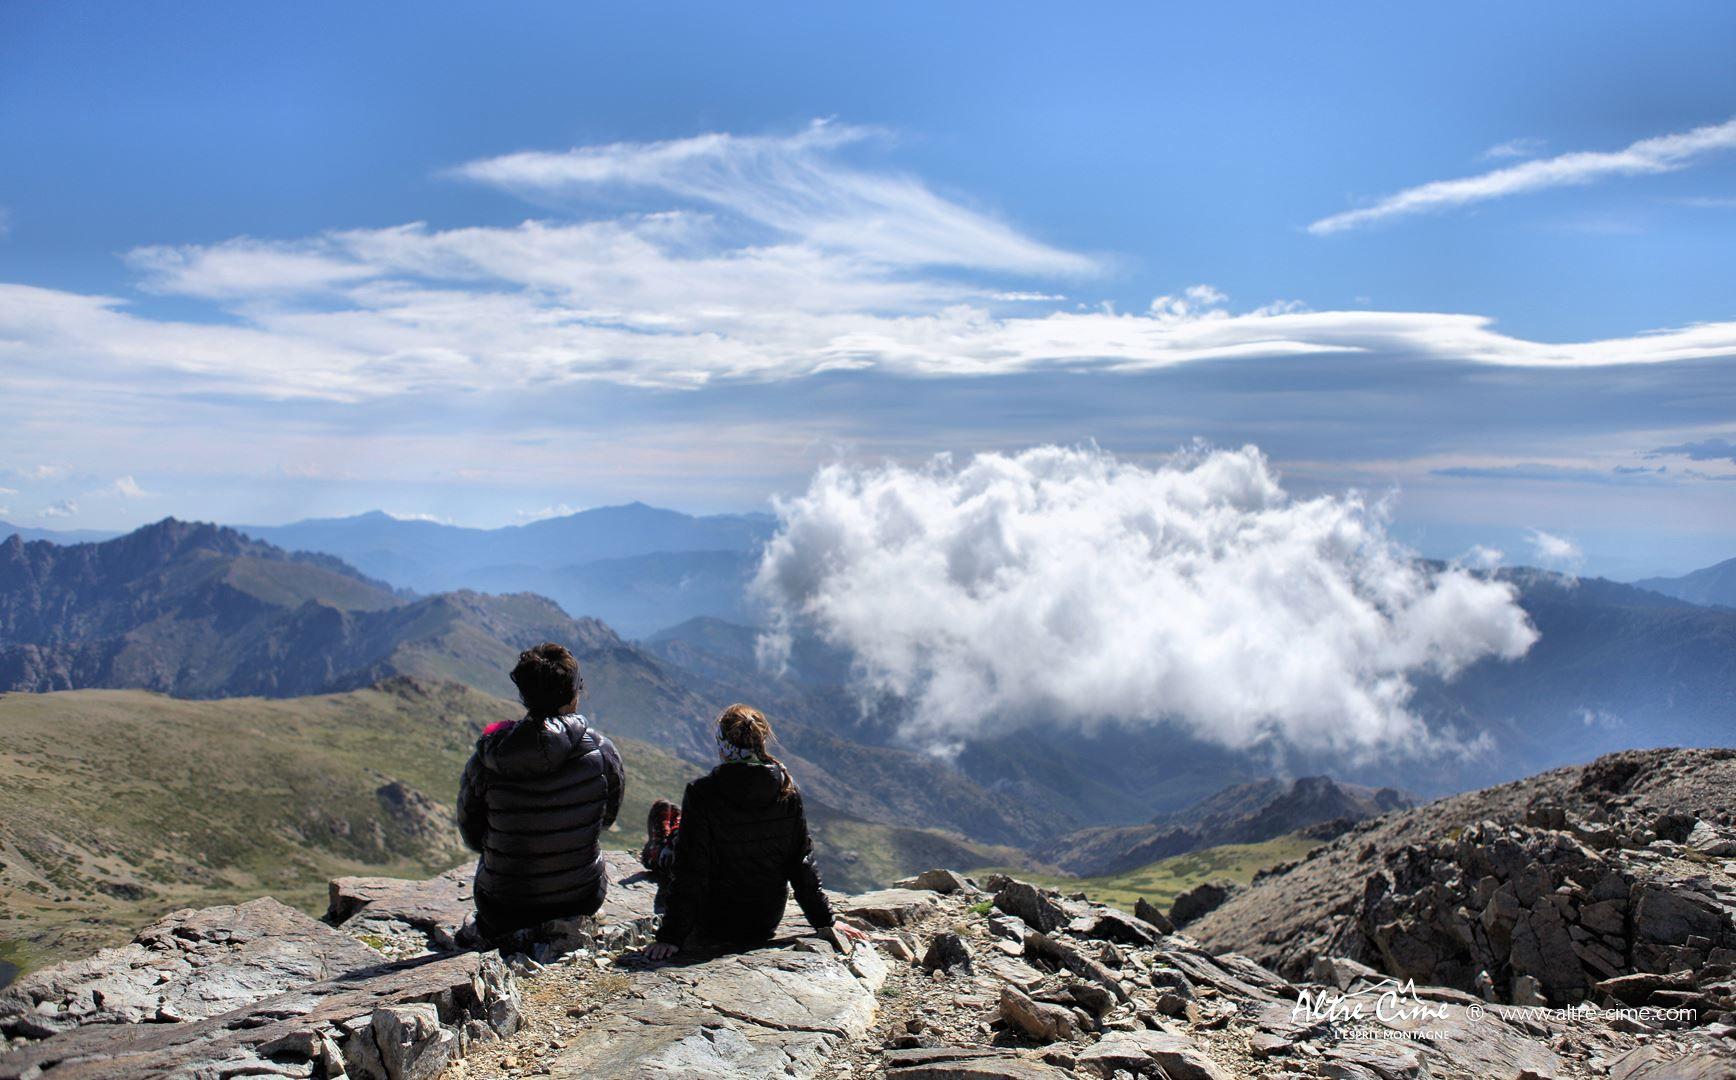 [Randonnée Corse Sauvage] Sur les crêtes du Monte Cintu